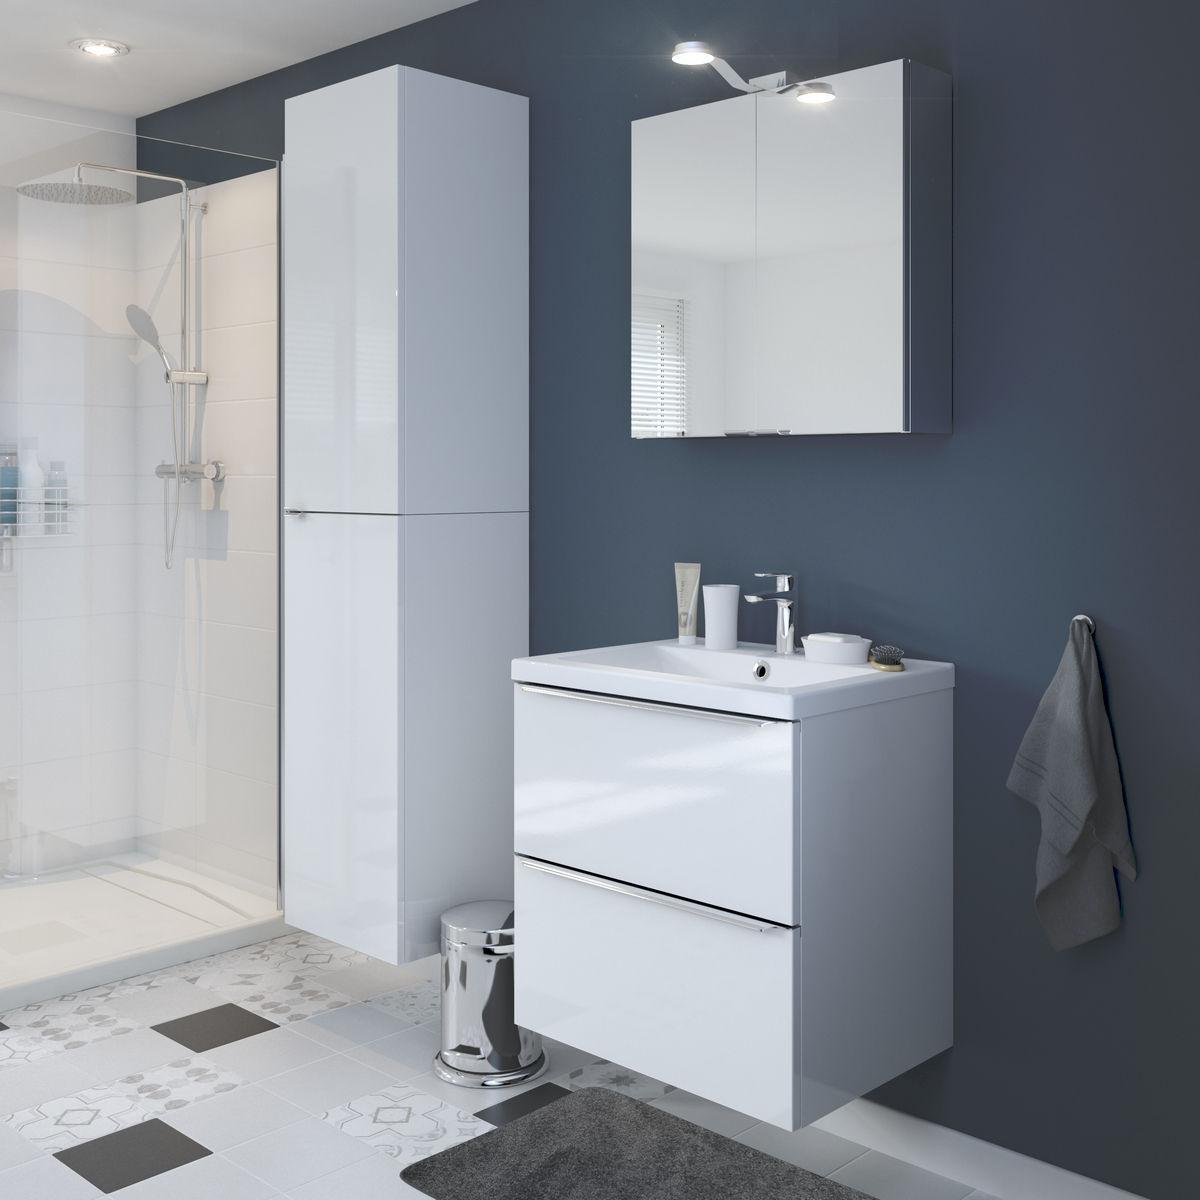 mobila alba in baie